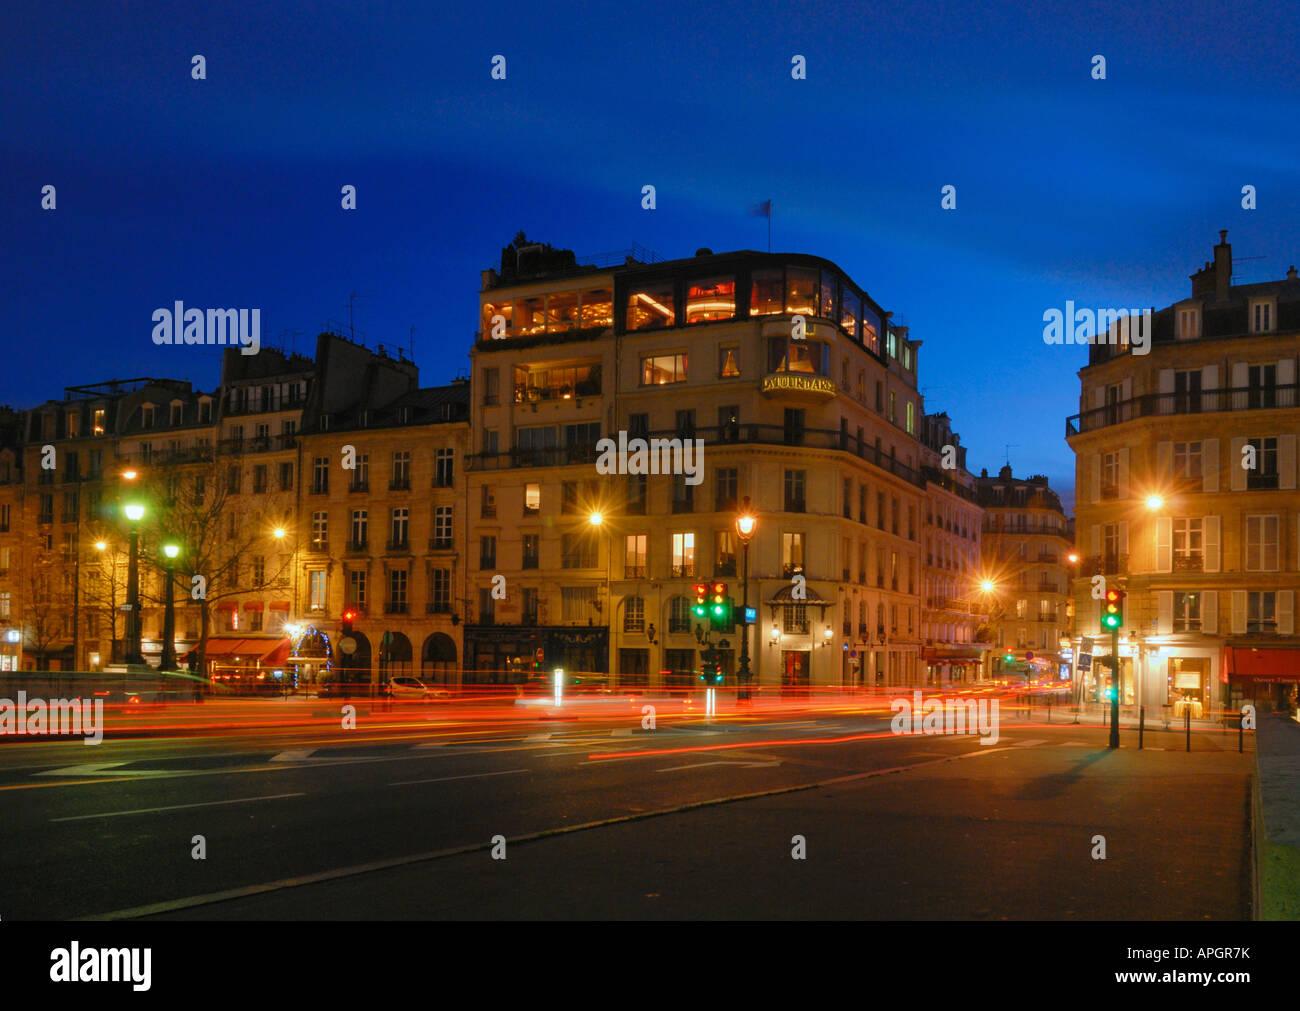 Blue Hour on la Tour d'argent Restaurant, Paris, France - Stock Image